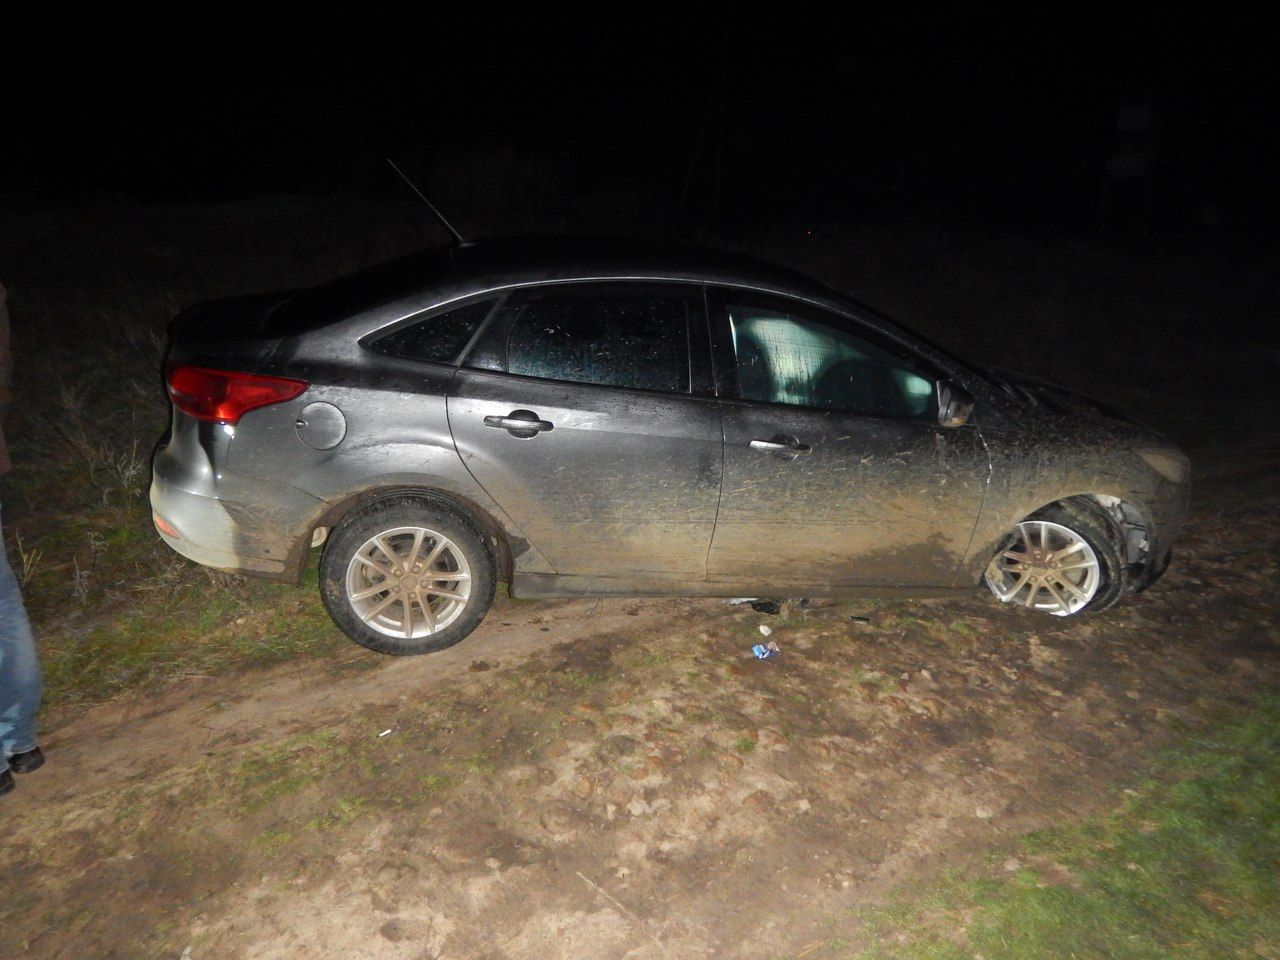 НаСтаврополье вбагажнике автомобиля отыскали тело пропавшего полицейского